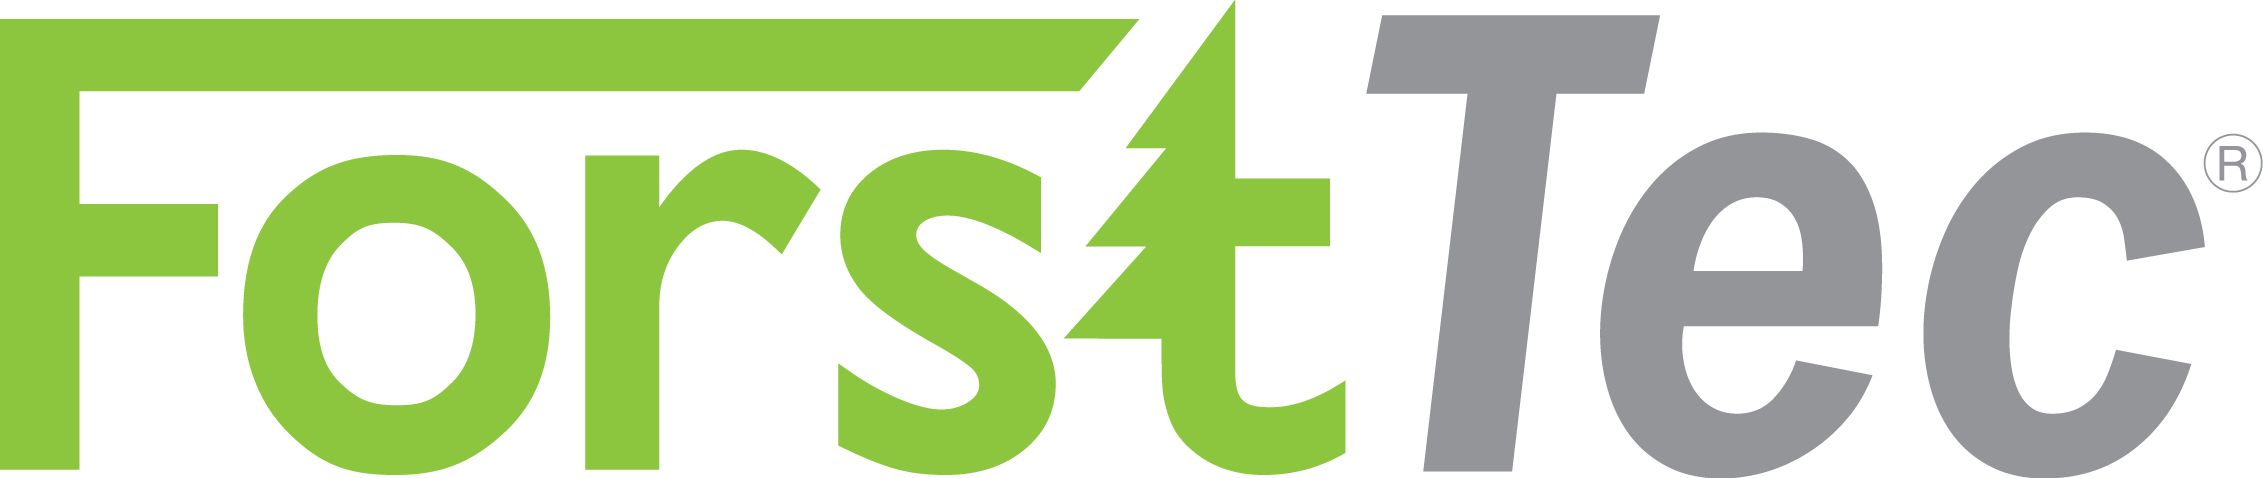 http://forsttec.lu/wp-content/uploads/2017/04/ForstTec_Logo_weiss.png